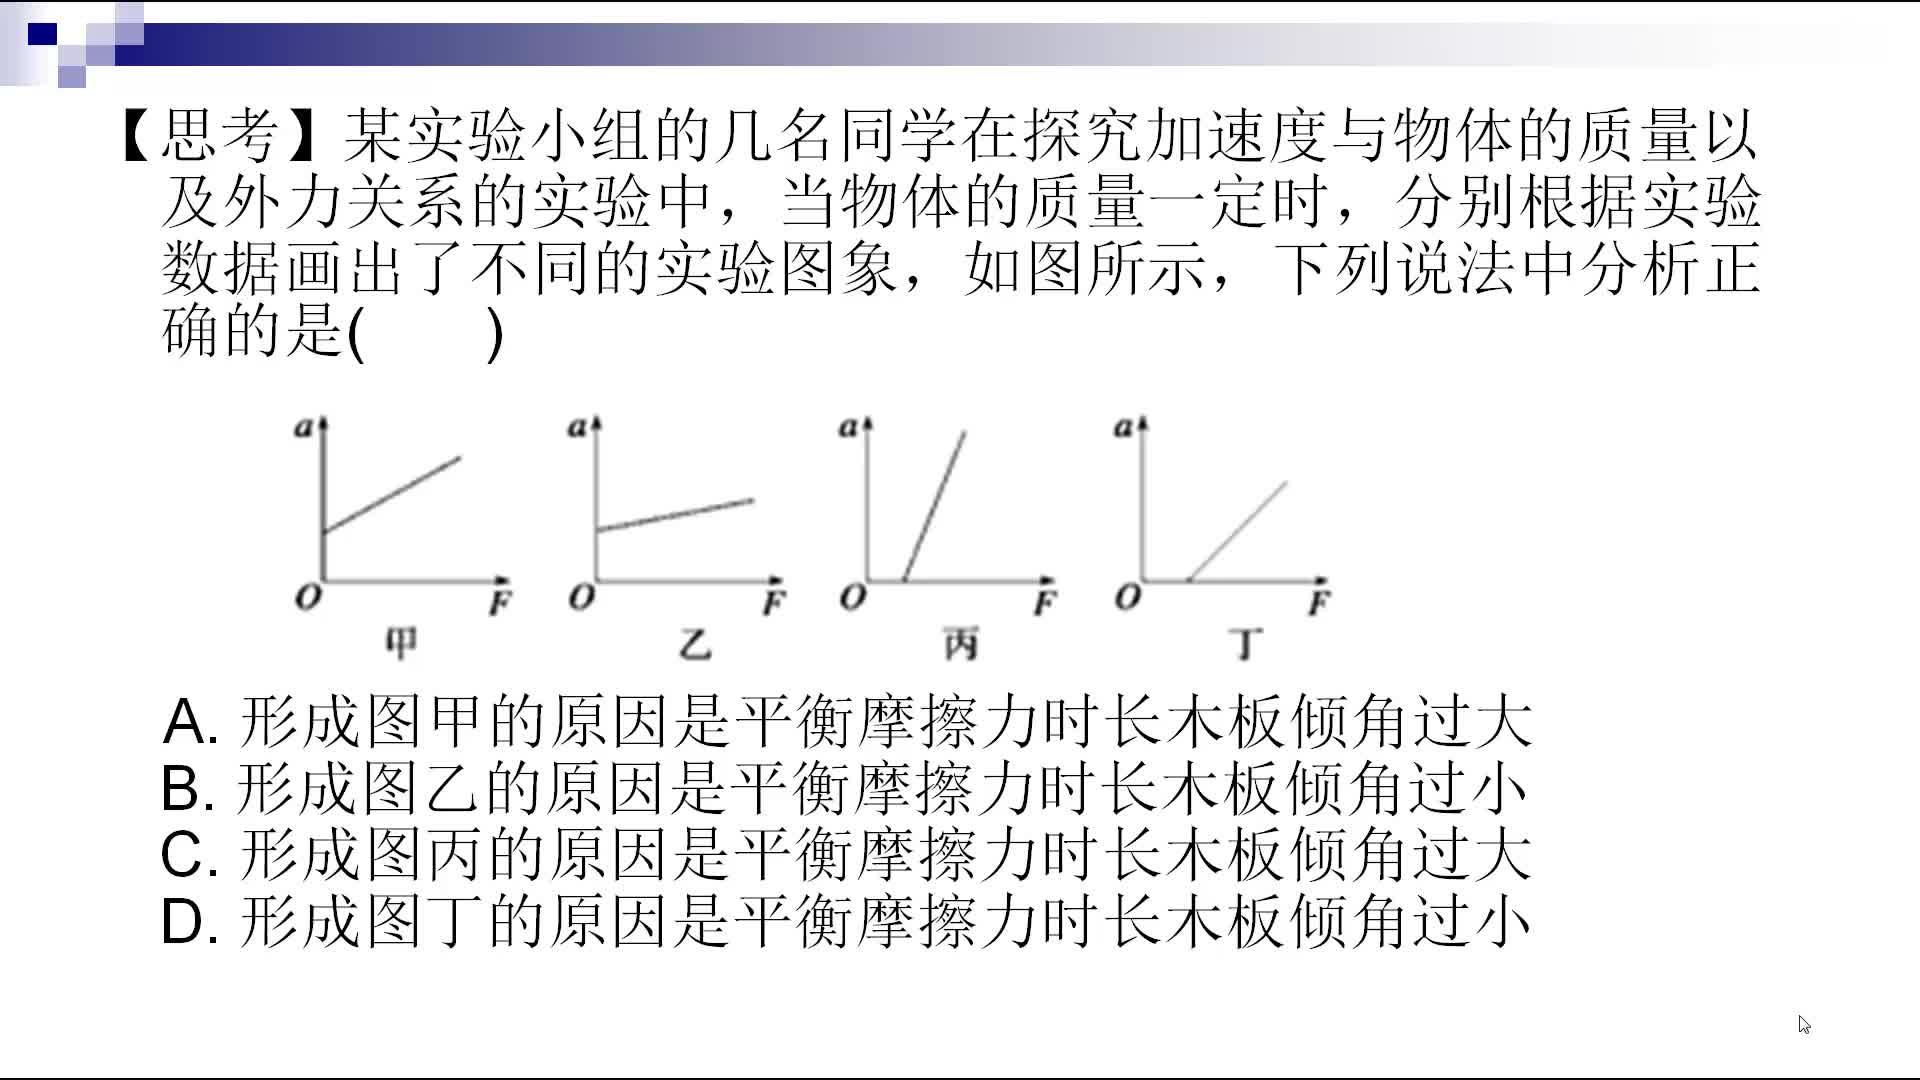 人教版 高一物理 必修一 4.2 平衡摩擦力(牛顿第二定律难点辨析)-视频微课堂